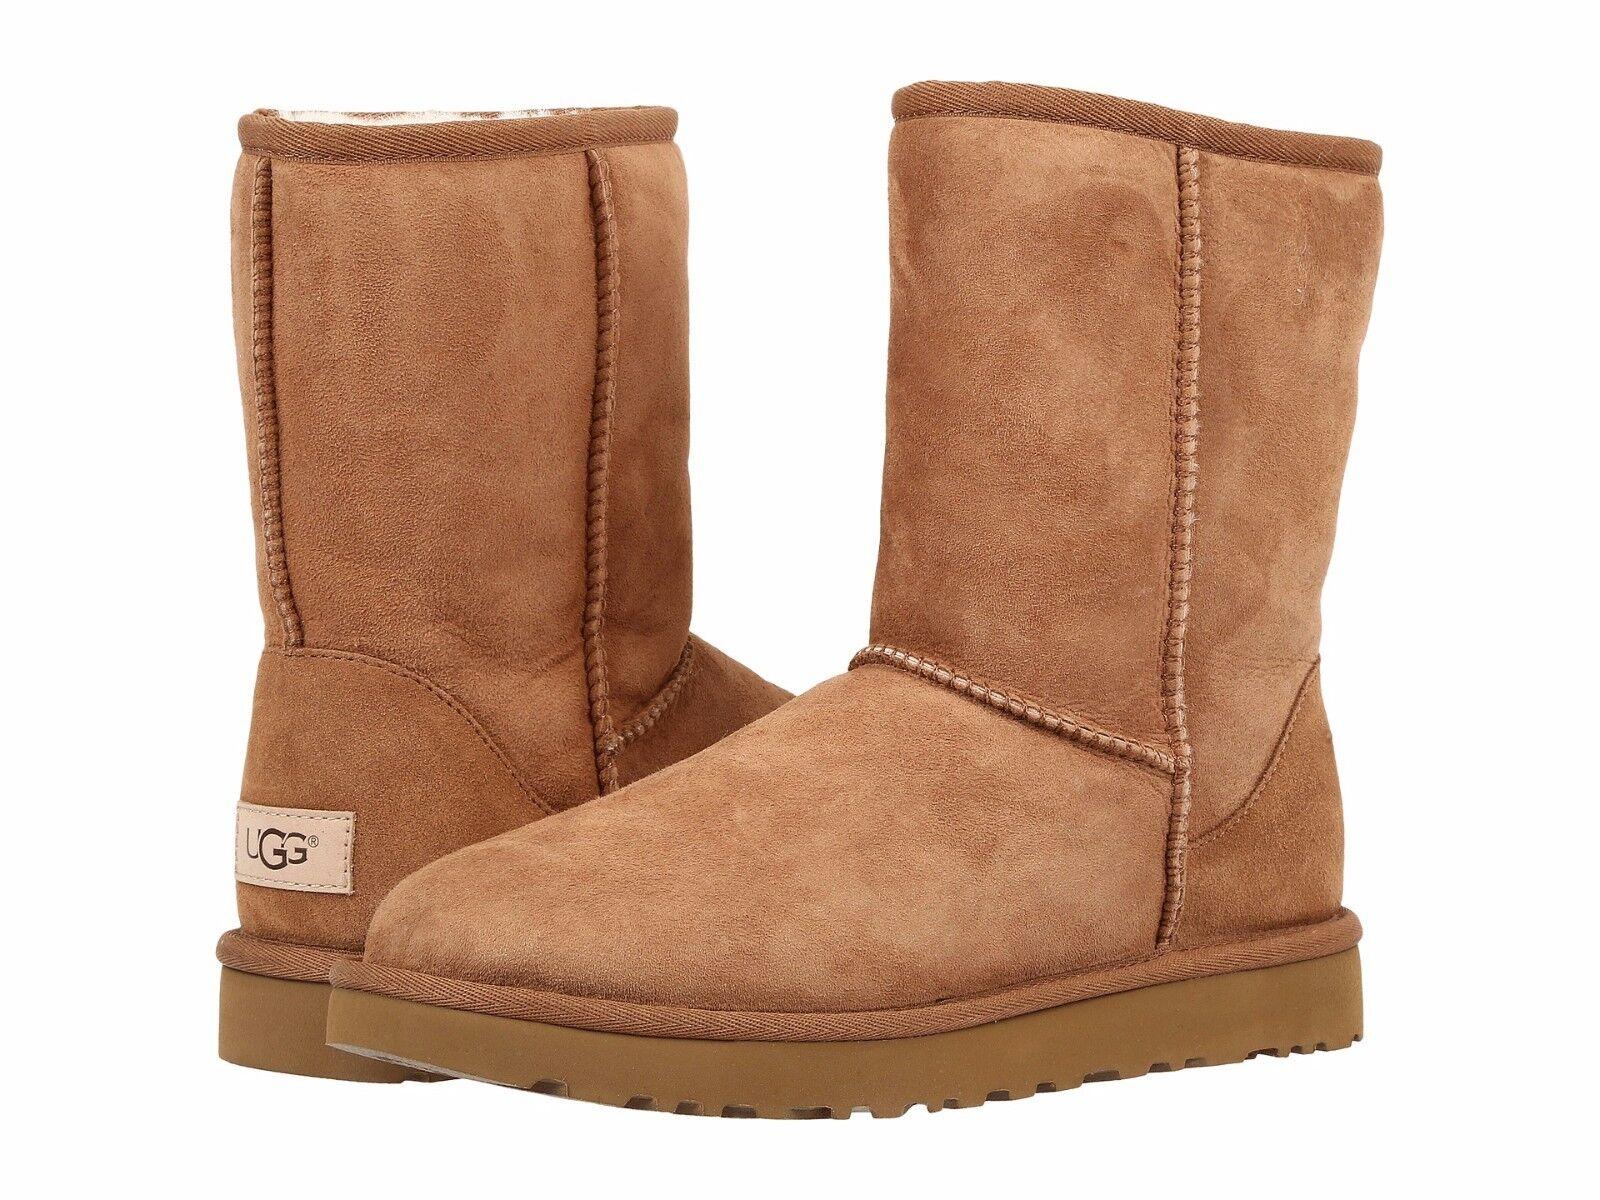 82d07da9a64 Women's Shoes UGG CLASSIC SHORT II Boots 1016223 CHESTNUT 5 6 7 8 9 10 11  *New*